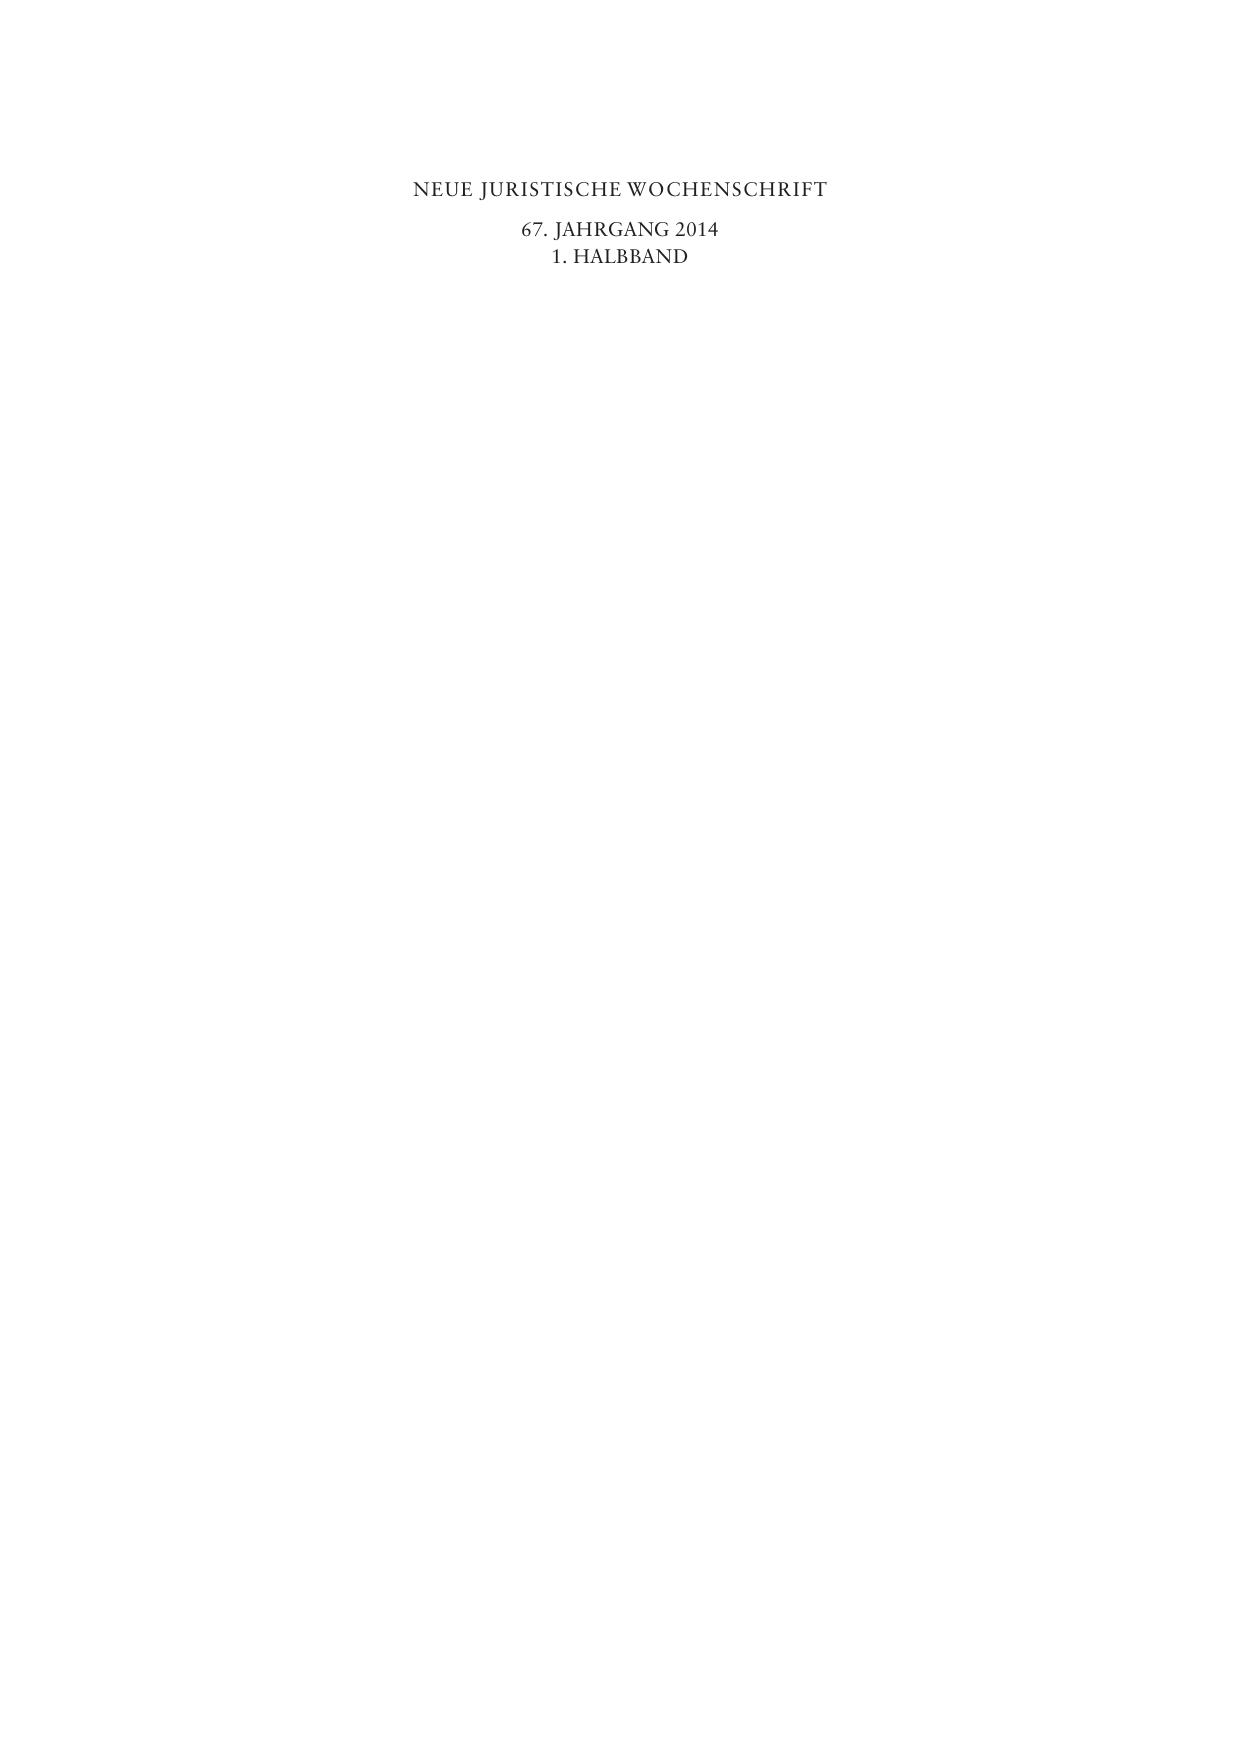 NJW-Halbjahres-Register I 2014 - beck | manualzz.com